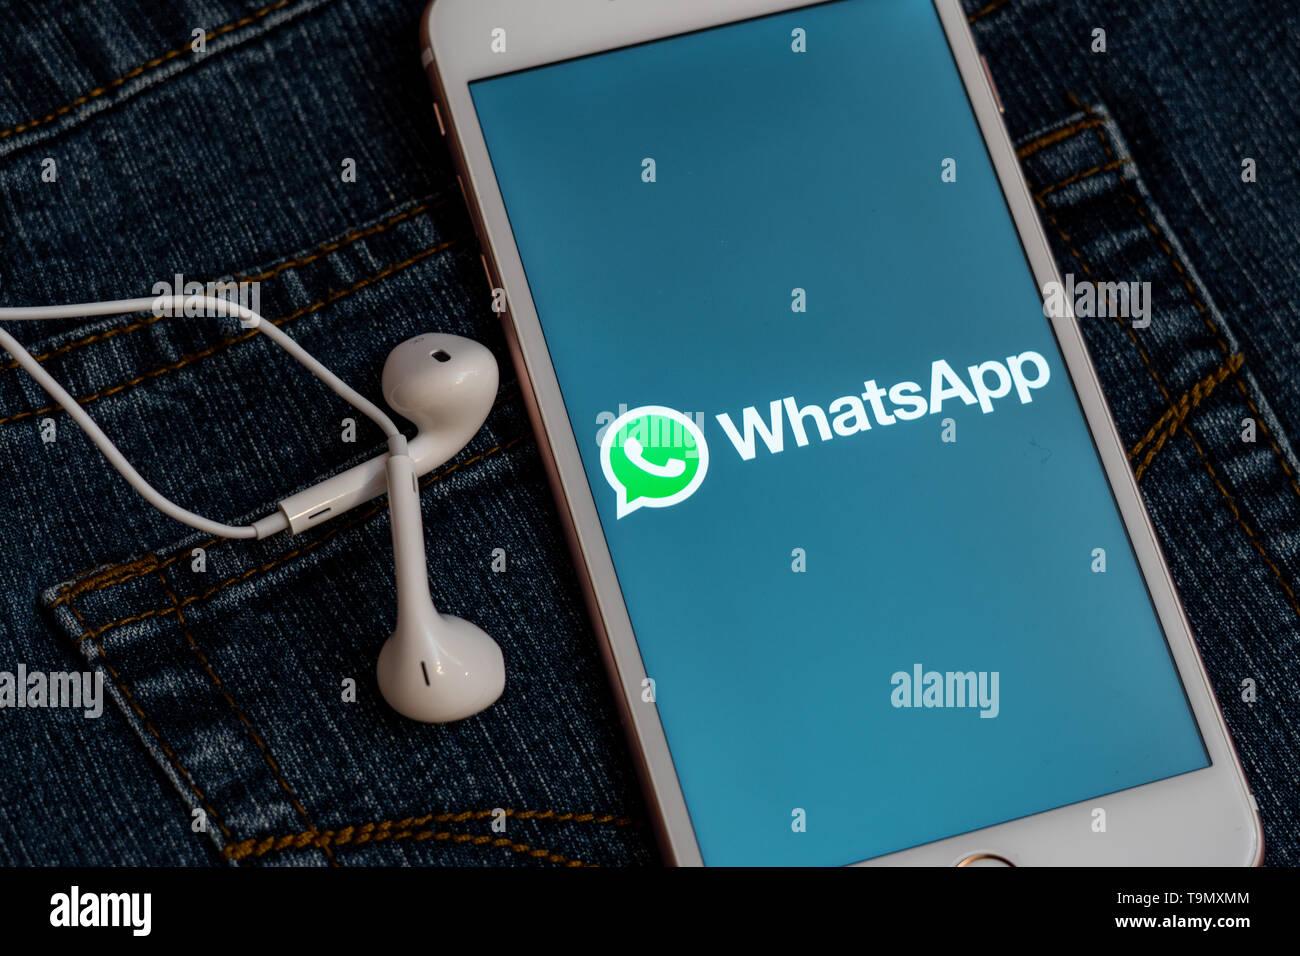 Iphone Bianco Con Il Logo Dei Social Media Whatsapp Sullo Schermo